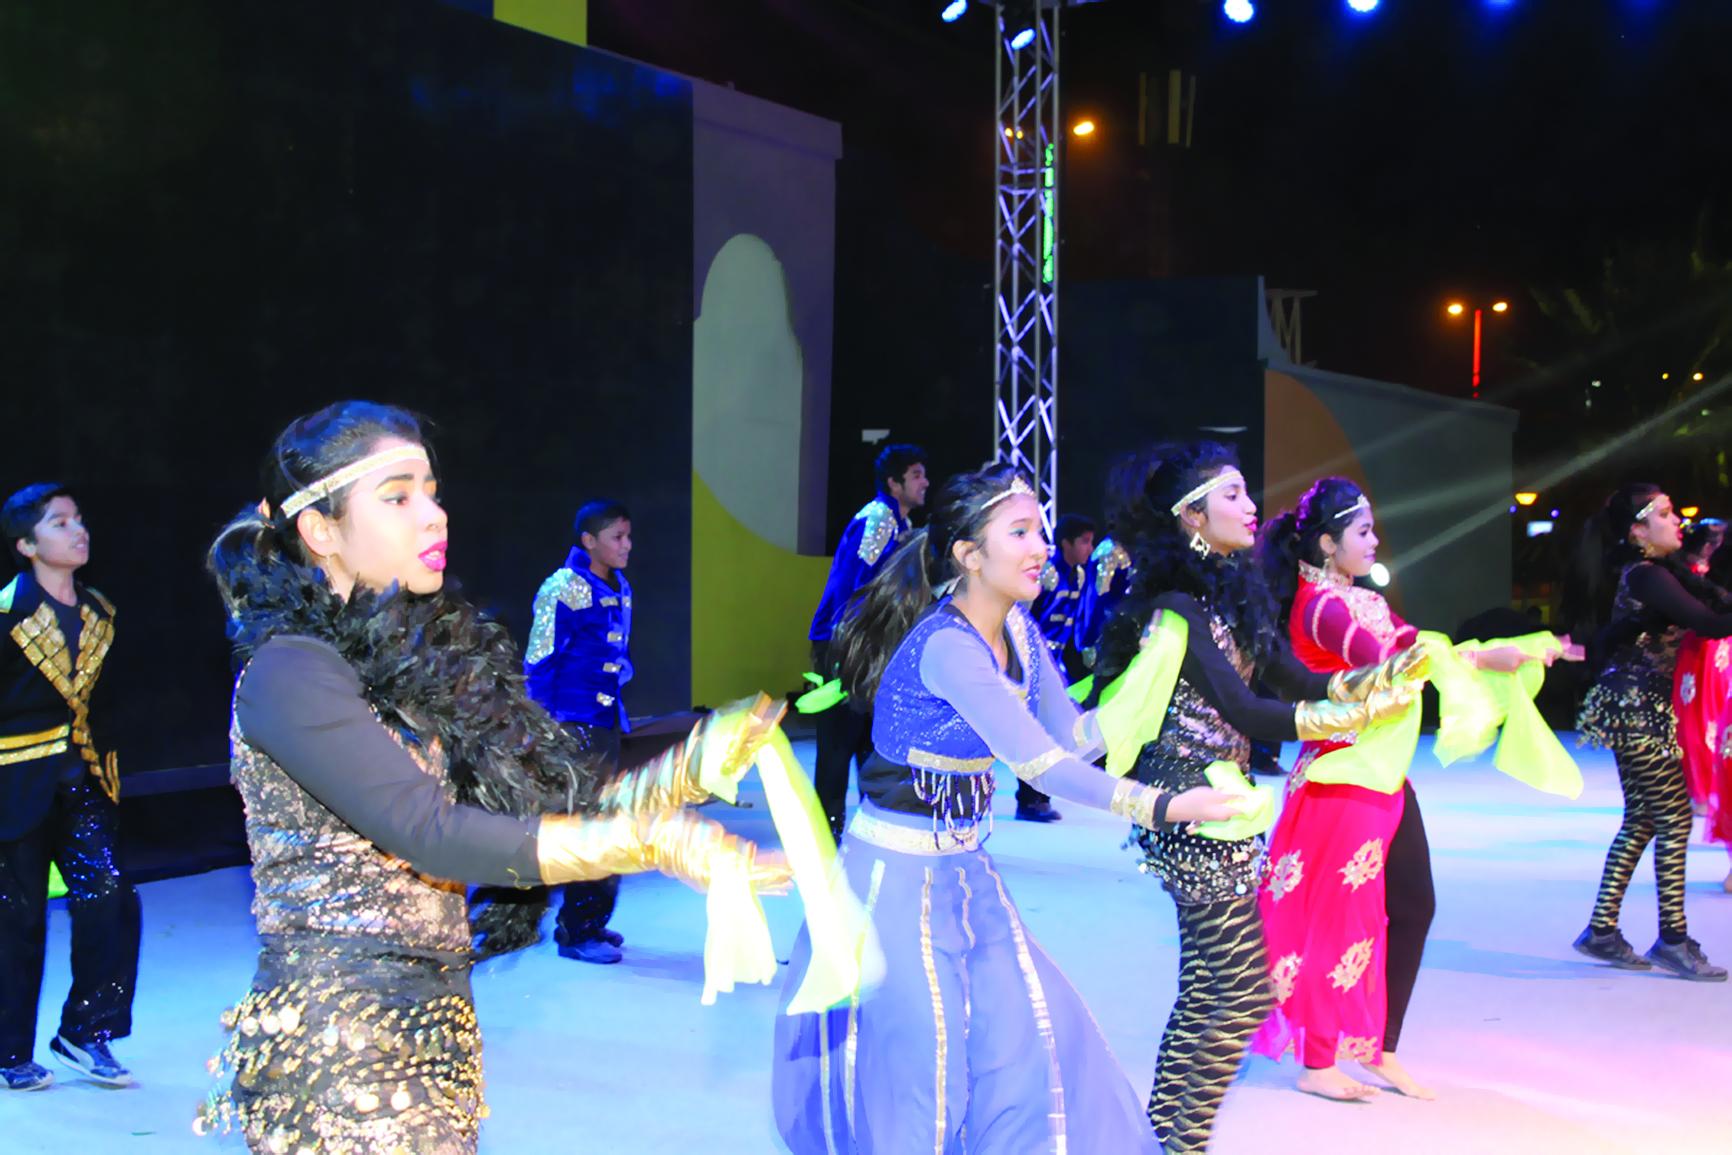 الفرقة الهندية تسحر زوار المهرجان برقصات بوليوود